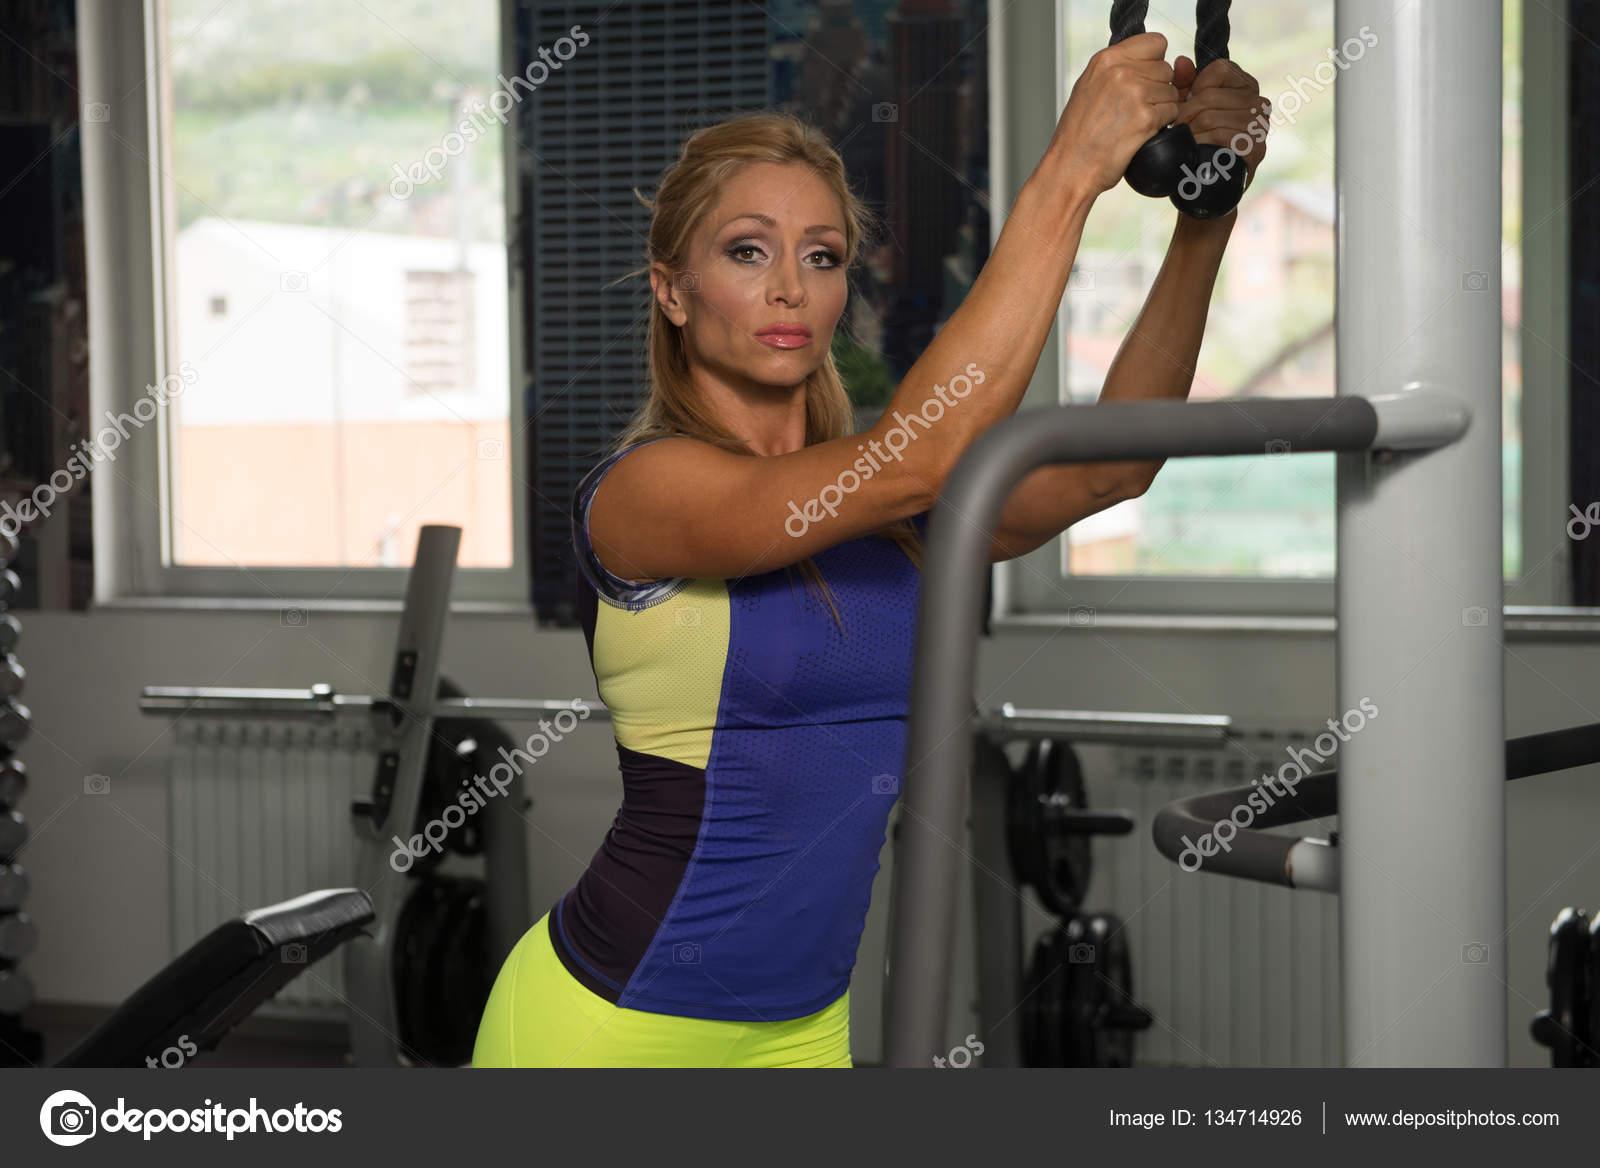 Madura haciendo ejercicio - 2 6